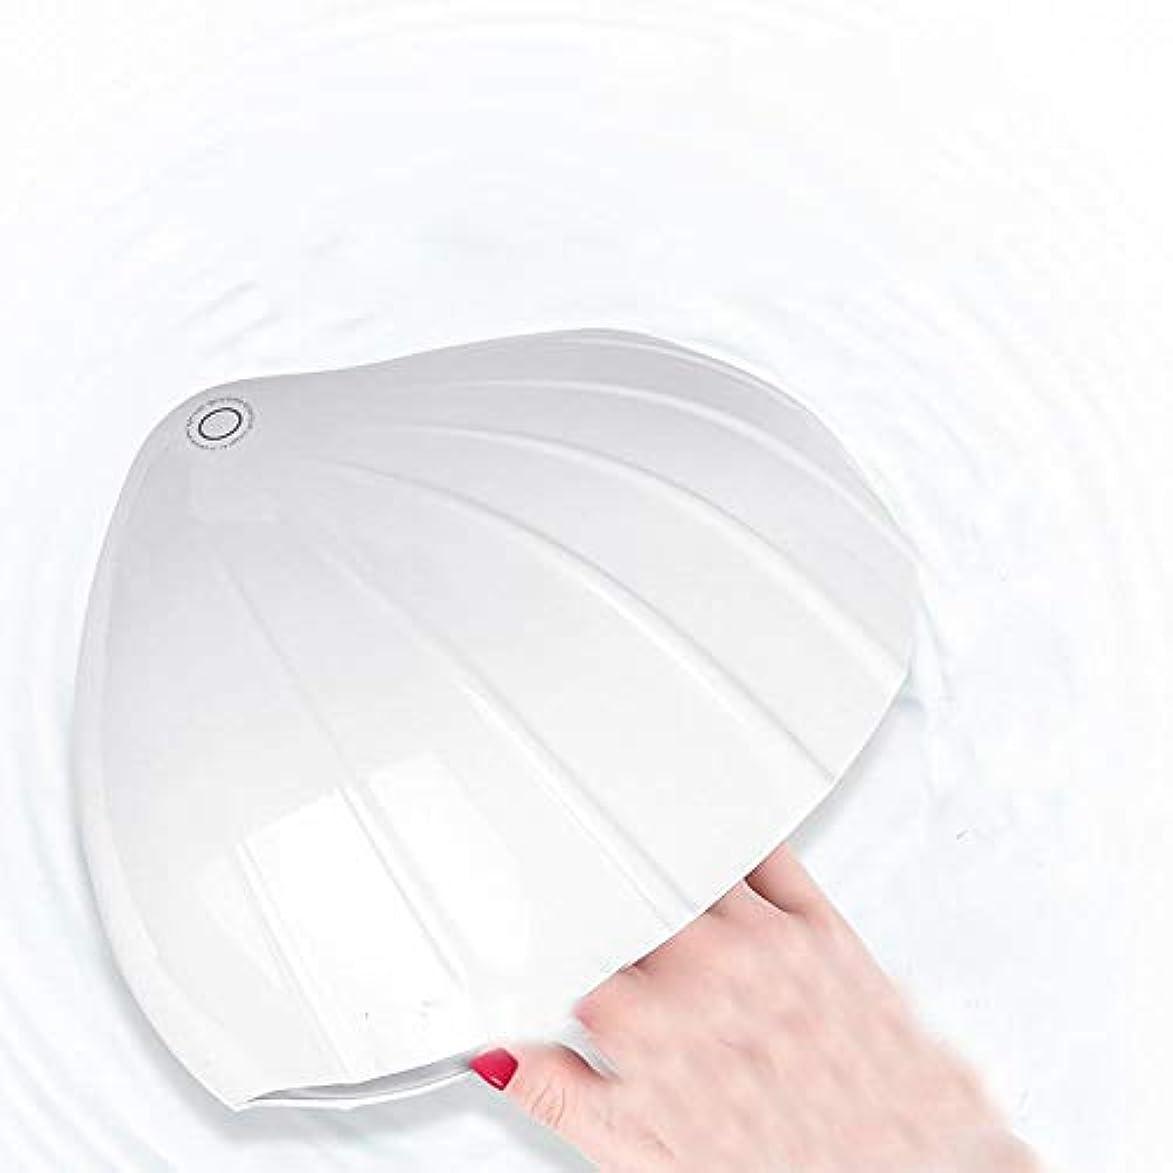 冗長感謝祭記録YESONEEP ネイル光線療法機ネイルポリッシュ光線療法ランプ家庭用ドライヤー速乾性ネイルランプスマートネイルランプ (Size : White)